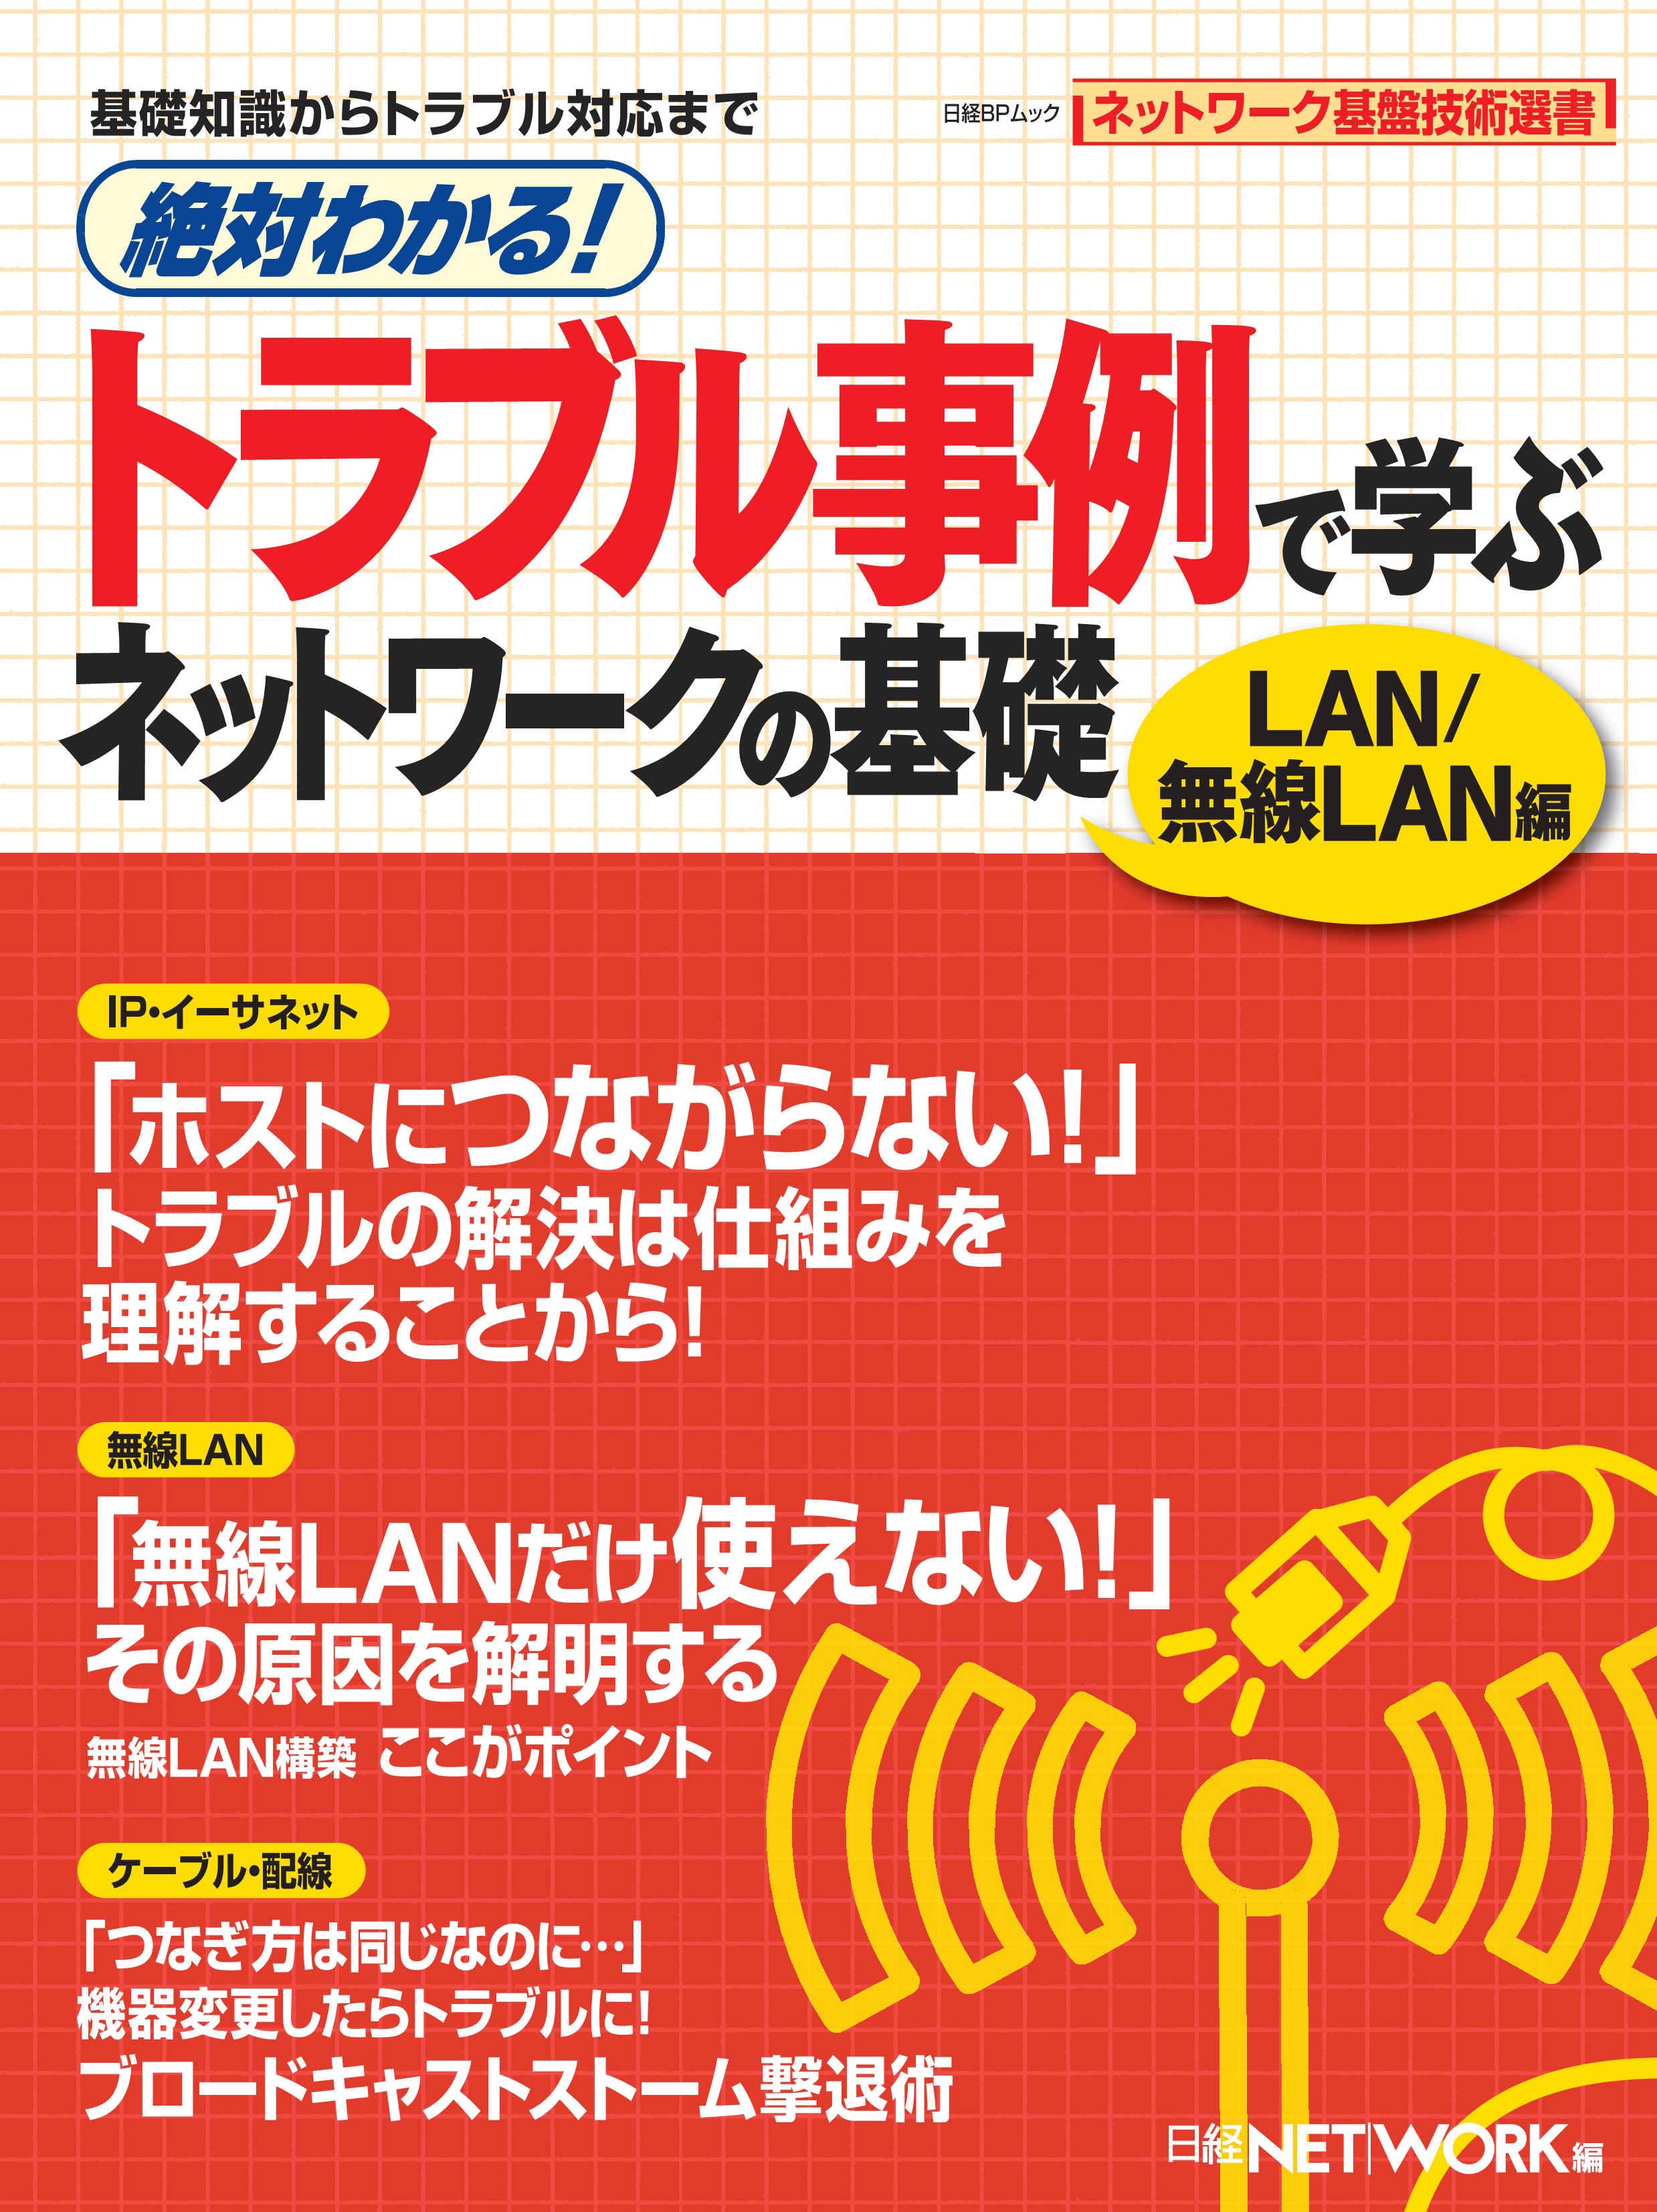 絶対わかる!トラブル事例で学ぶネットワークの基礎 LAN/無線LAN編